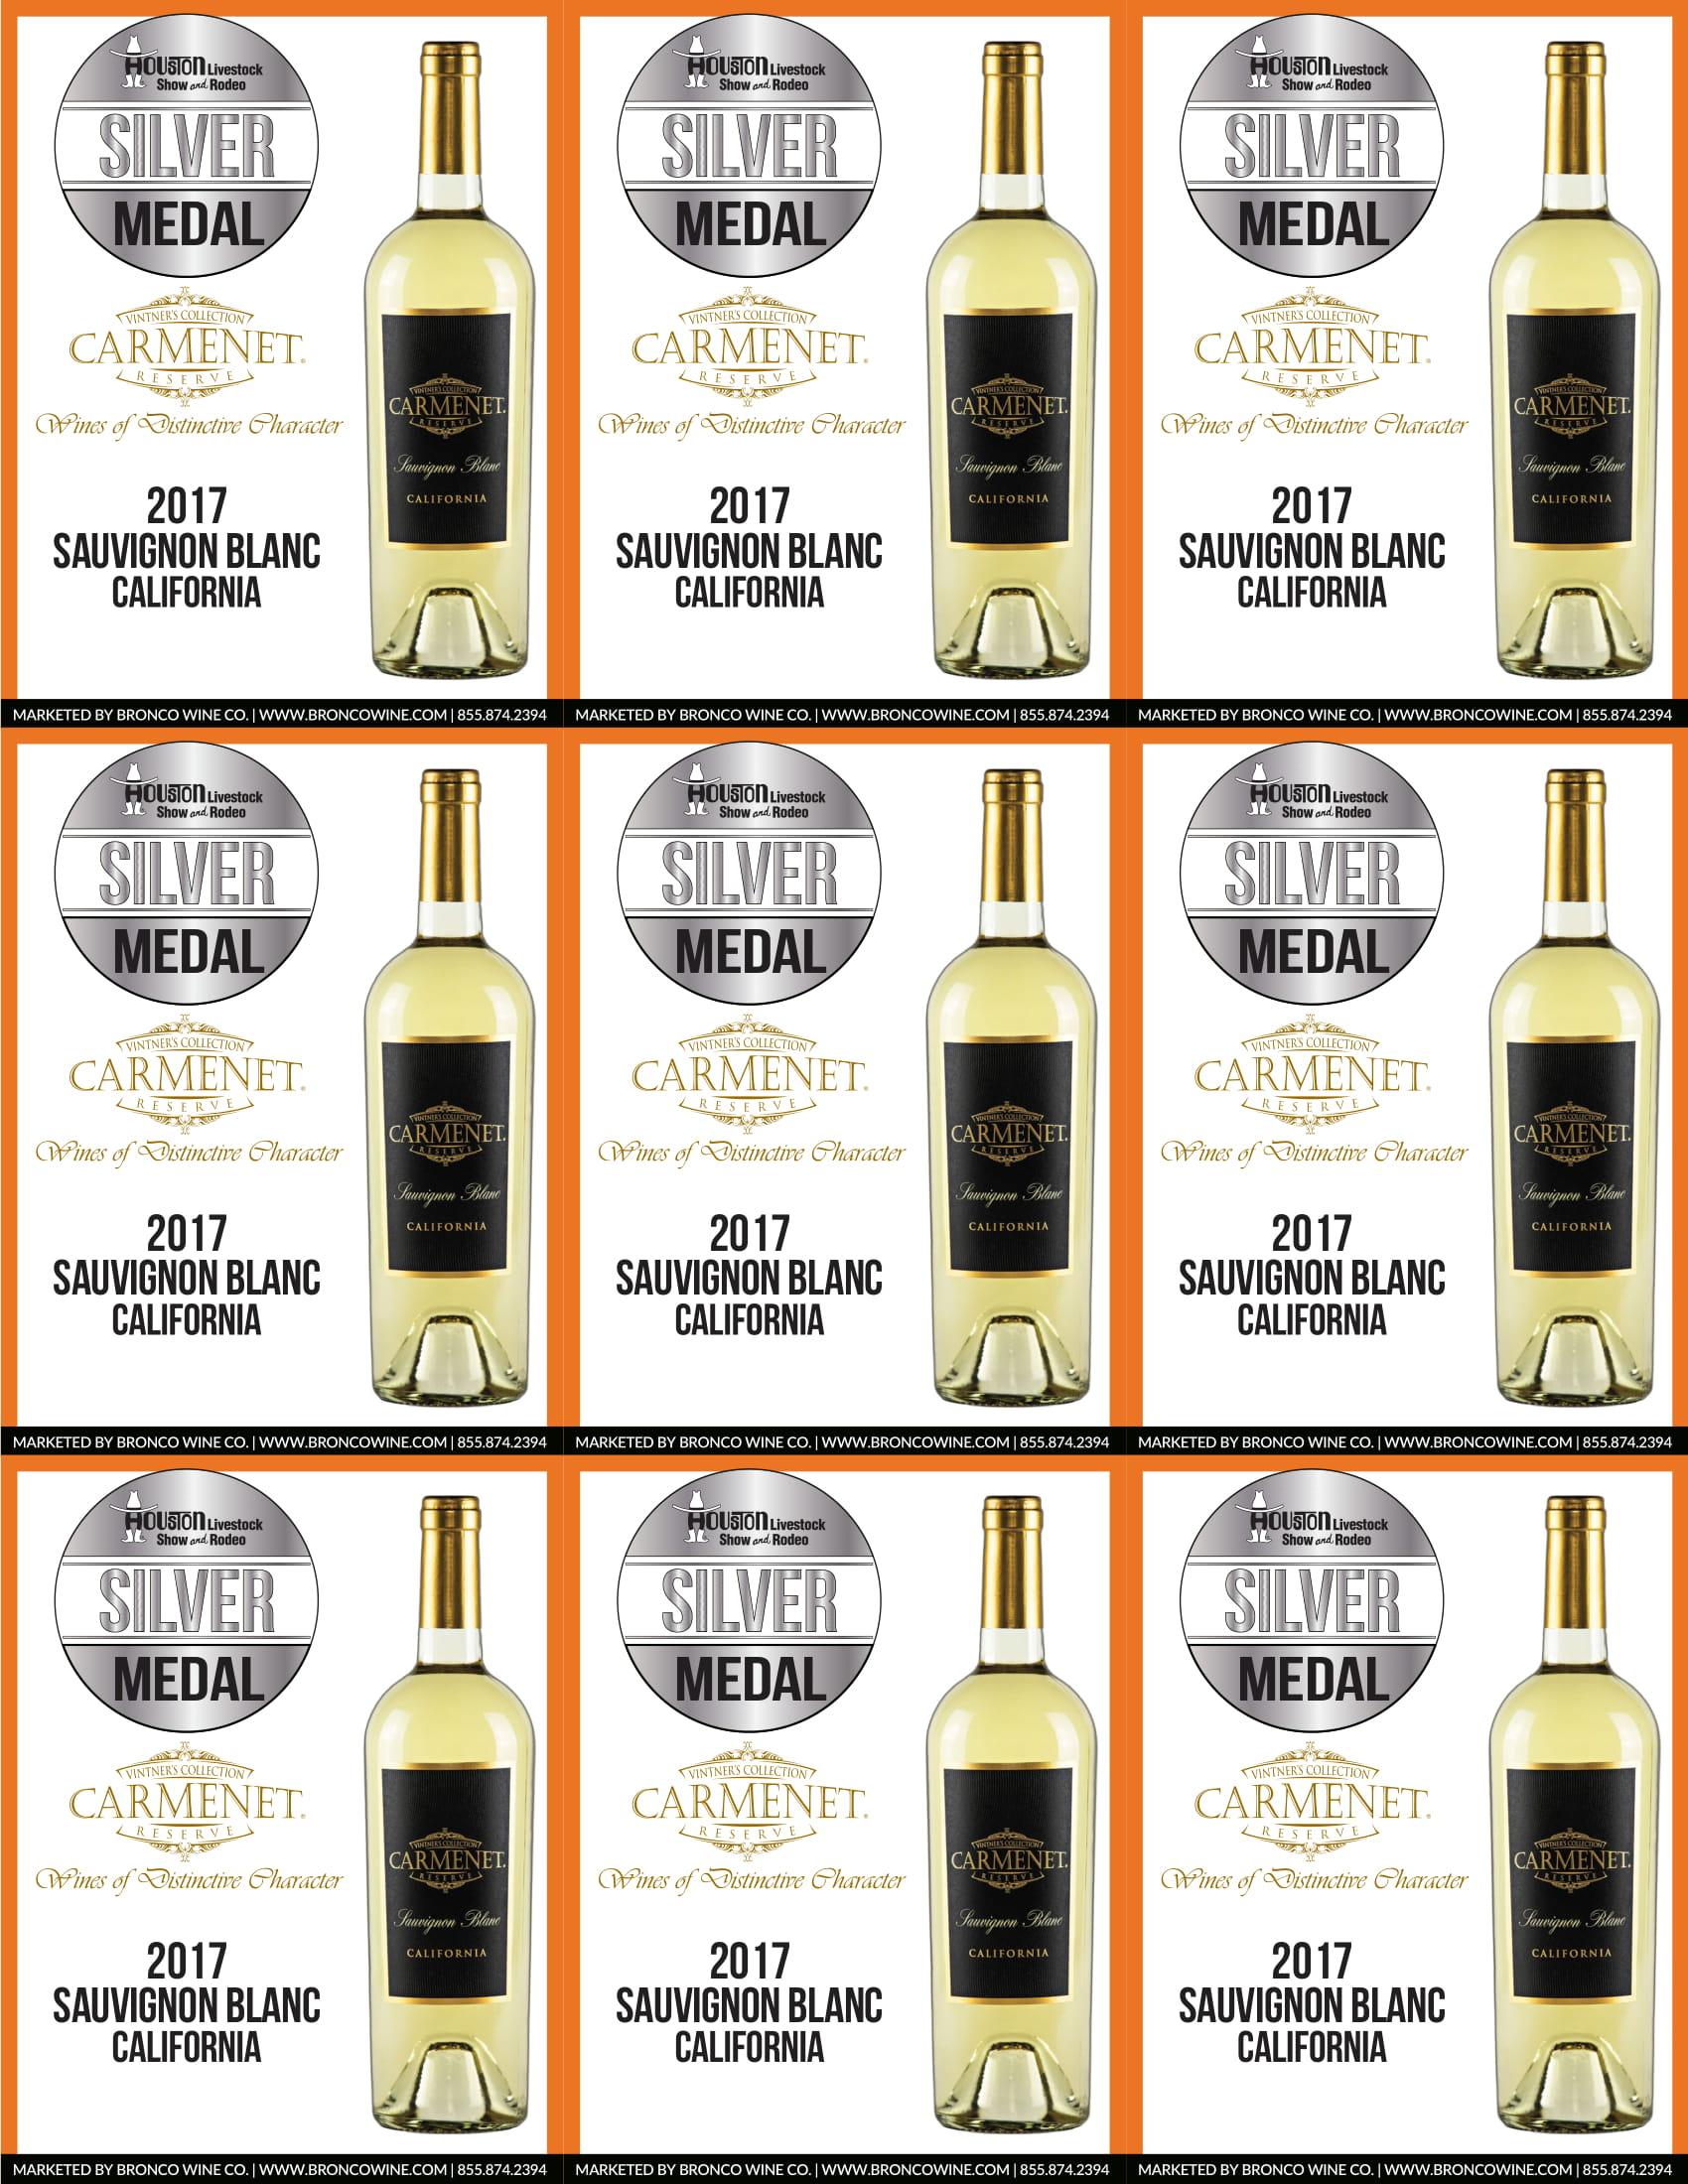 Carmenet Sauvignon Blanc Shelf Talkers